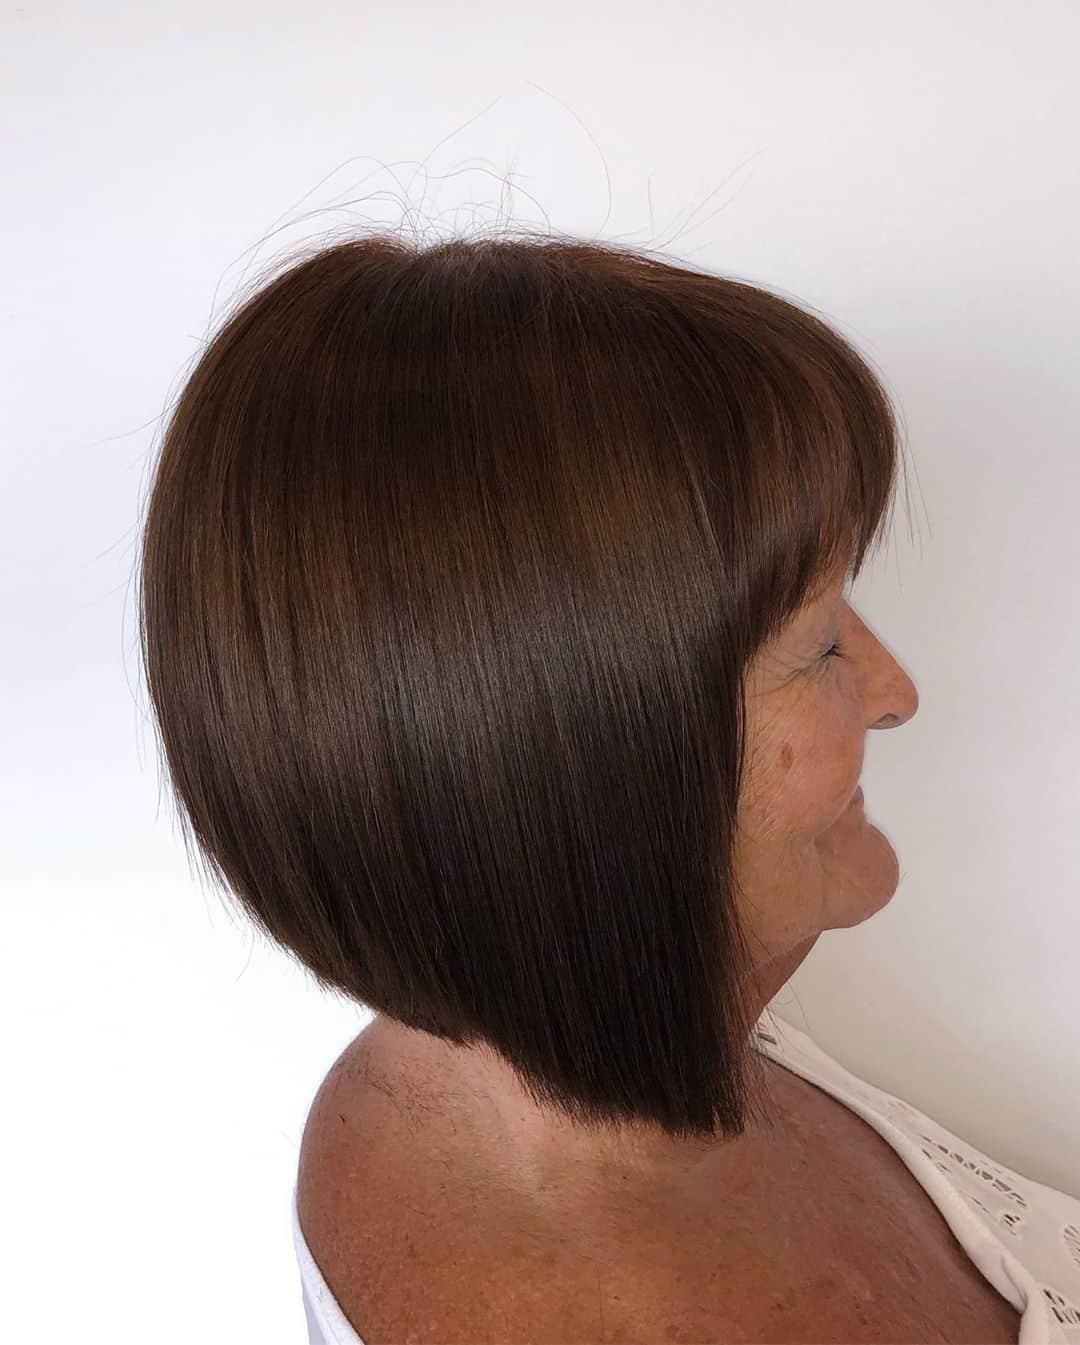 coupe mi-longue pour femme de plus de 70 ans aux cheveux bruns foncés